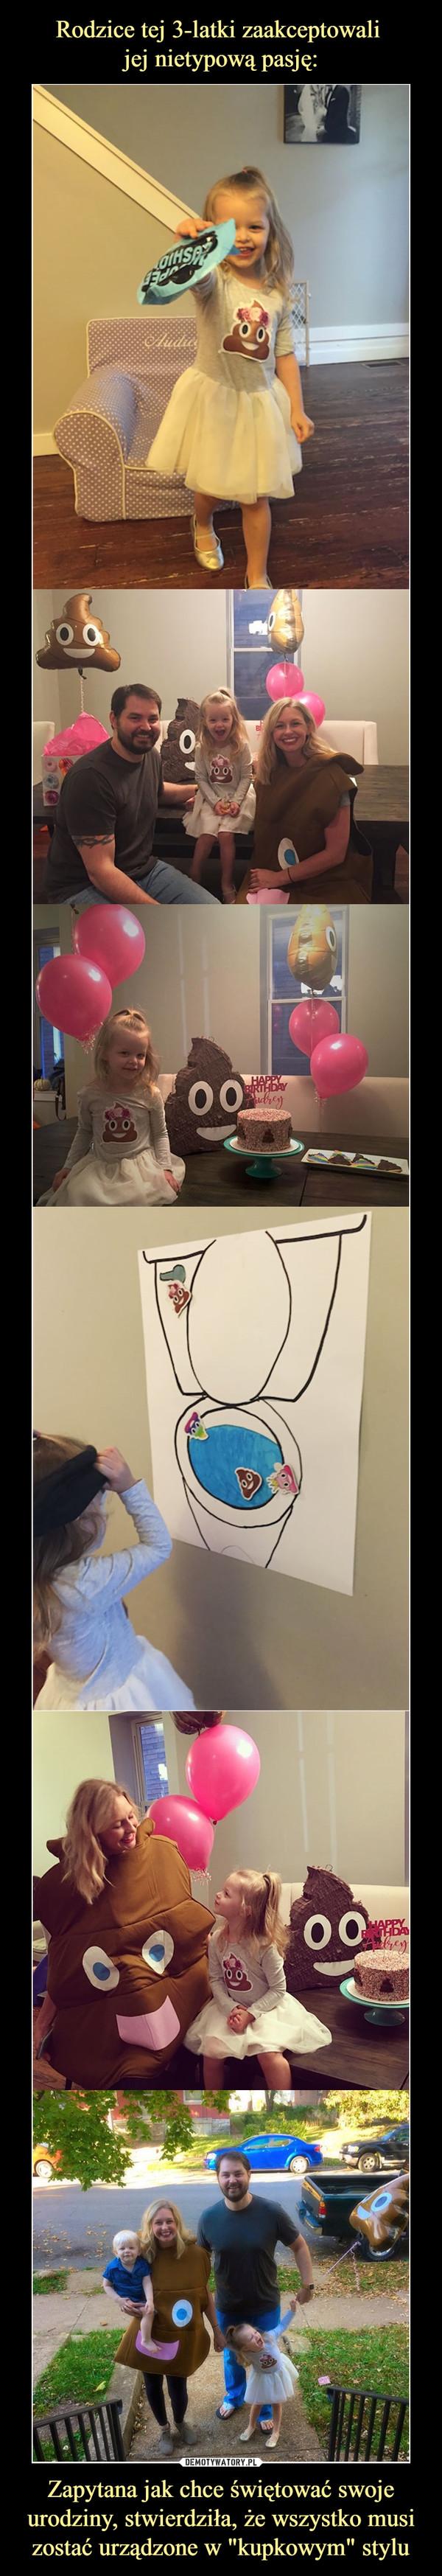 """Zapytana jak chce świętować swoje urodziny, stwierdziła, że wszystko musi zostać urządzone w """"kupkowym"""" stylu –"""